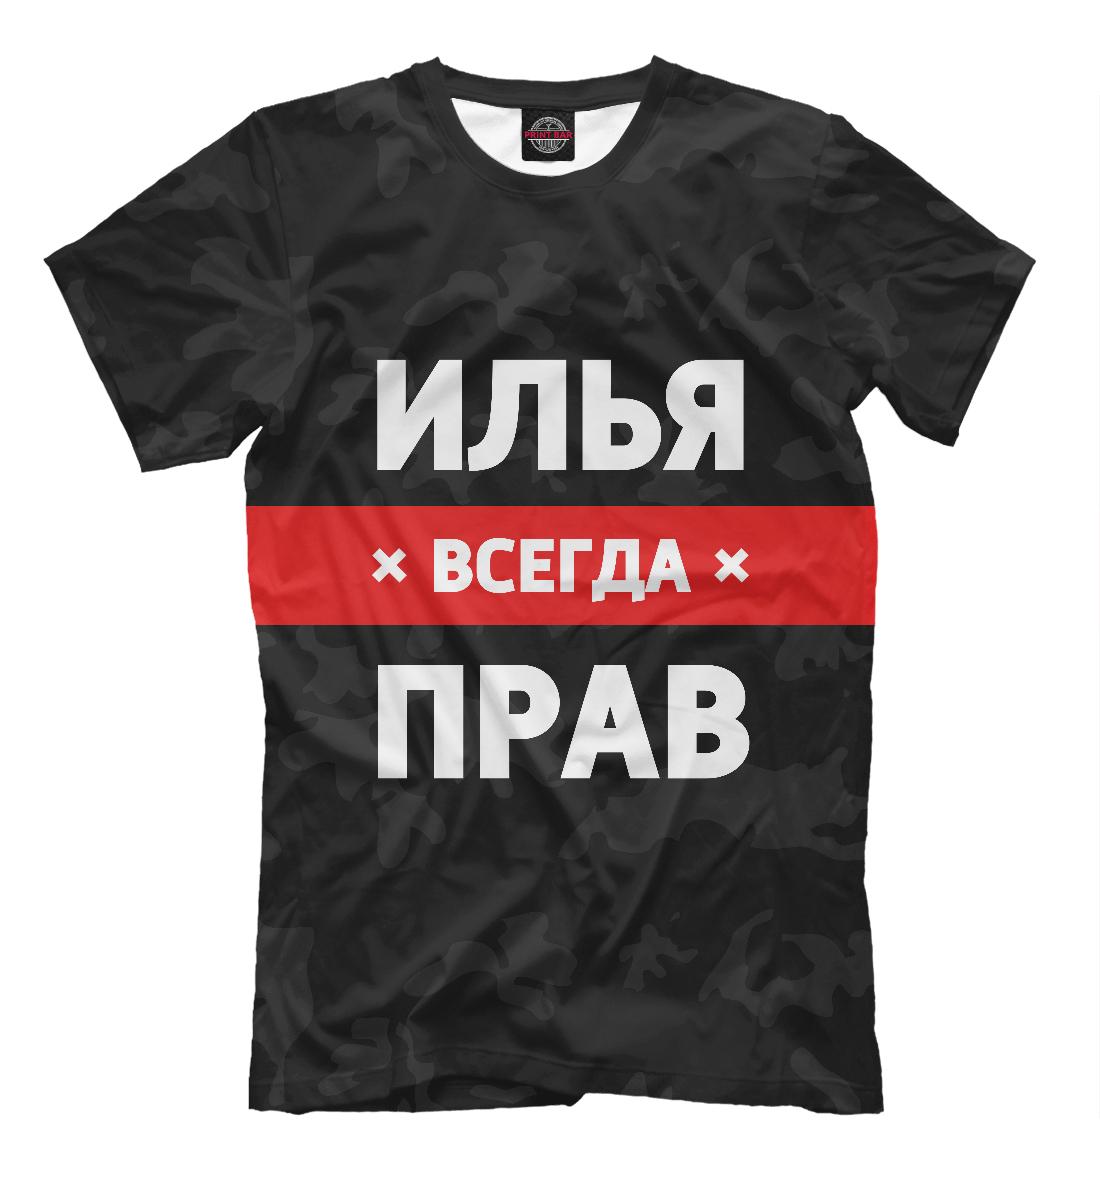 Илья всегда прав, Printbar, Футболки, ILY-248452-fut-2  - купить со скидкой